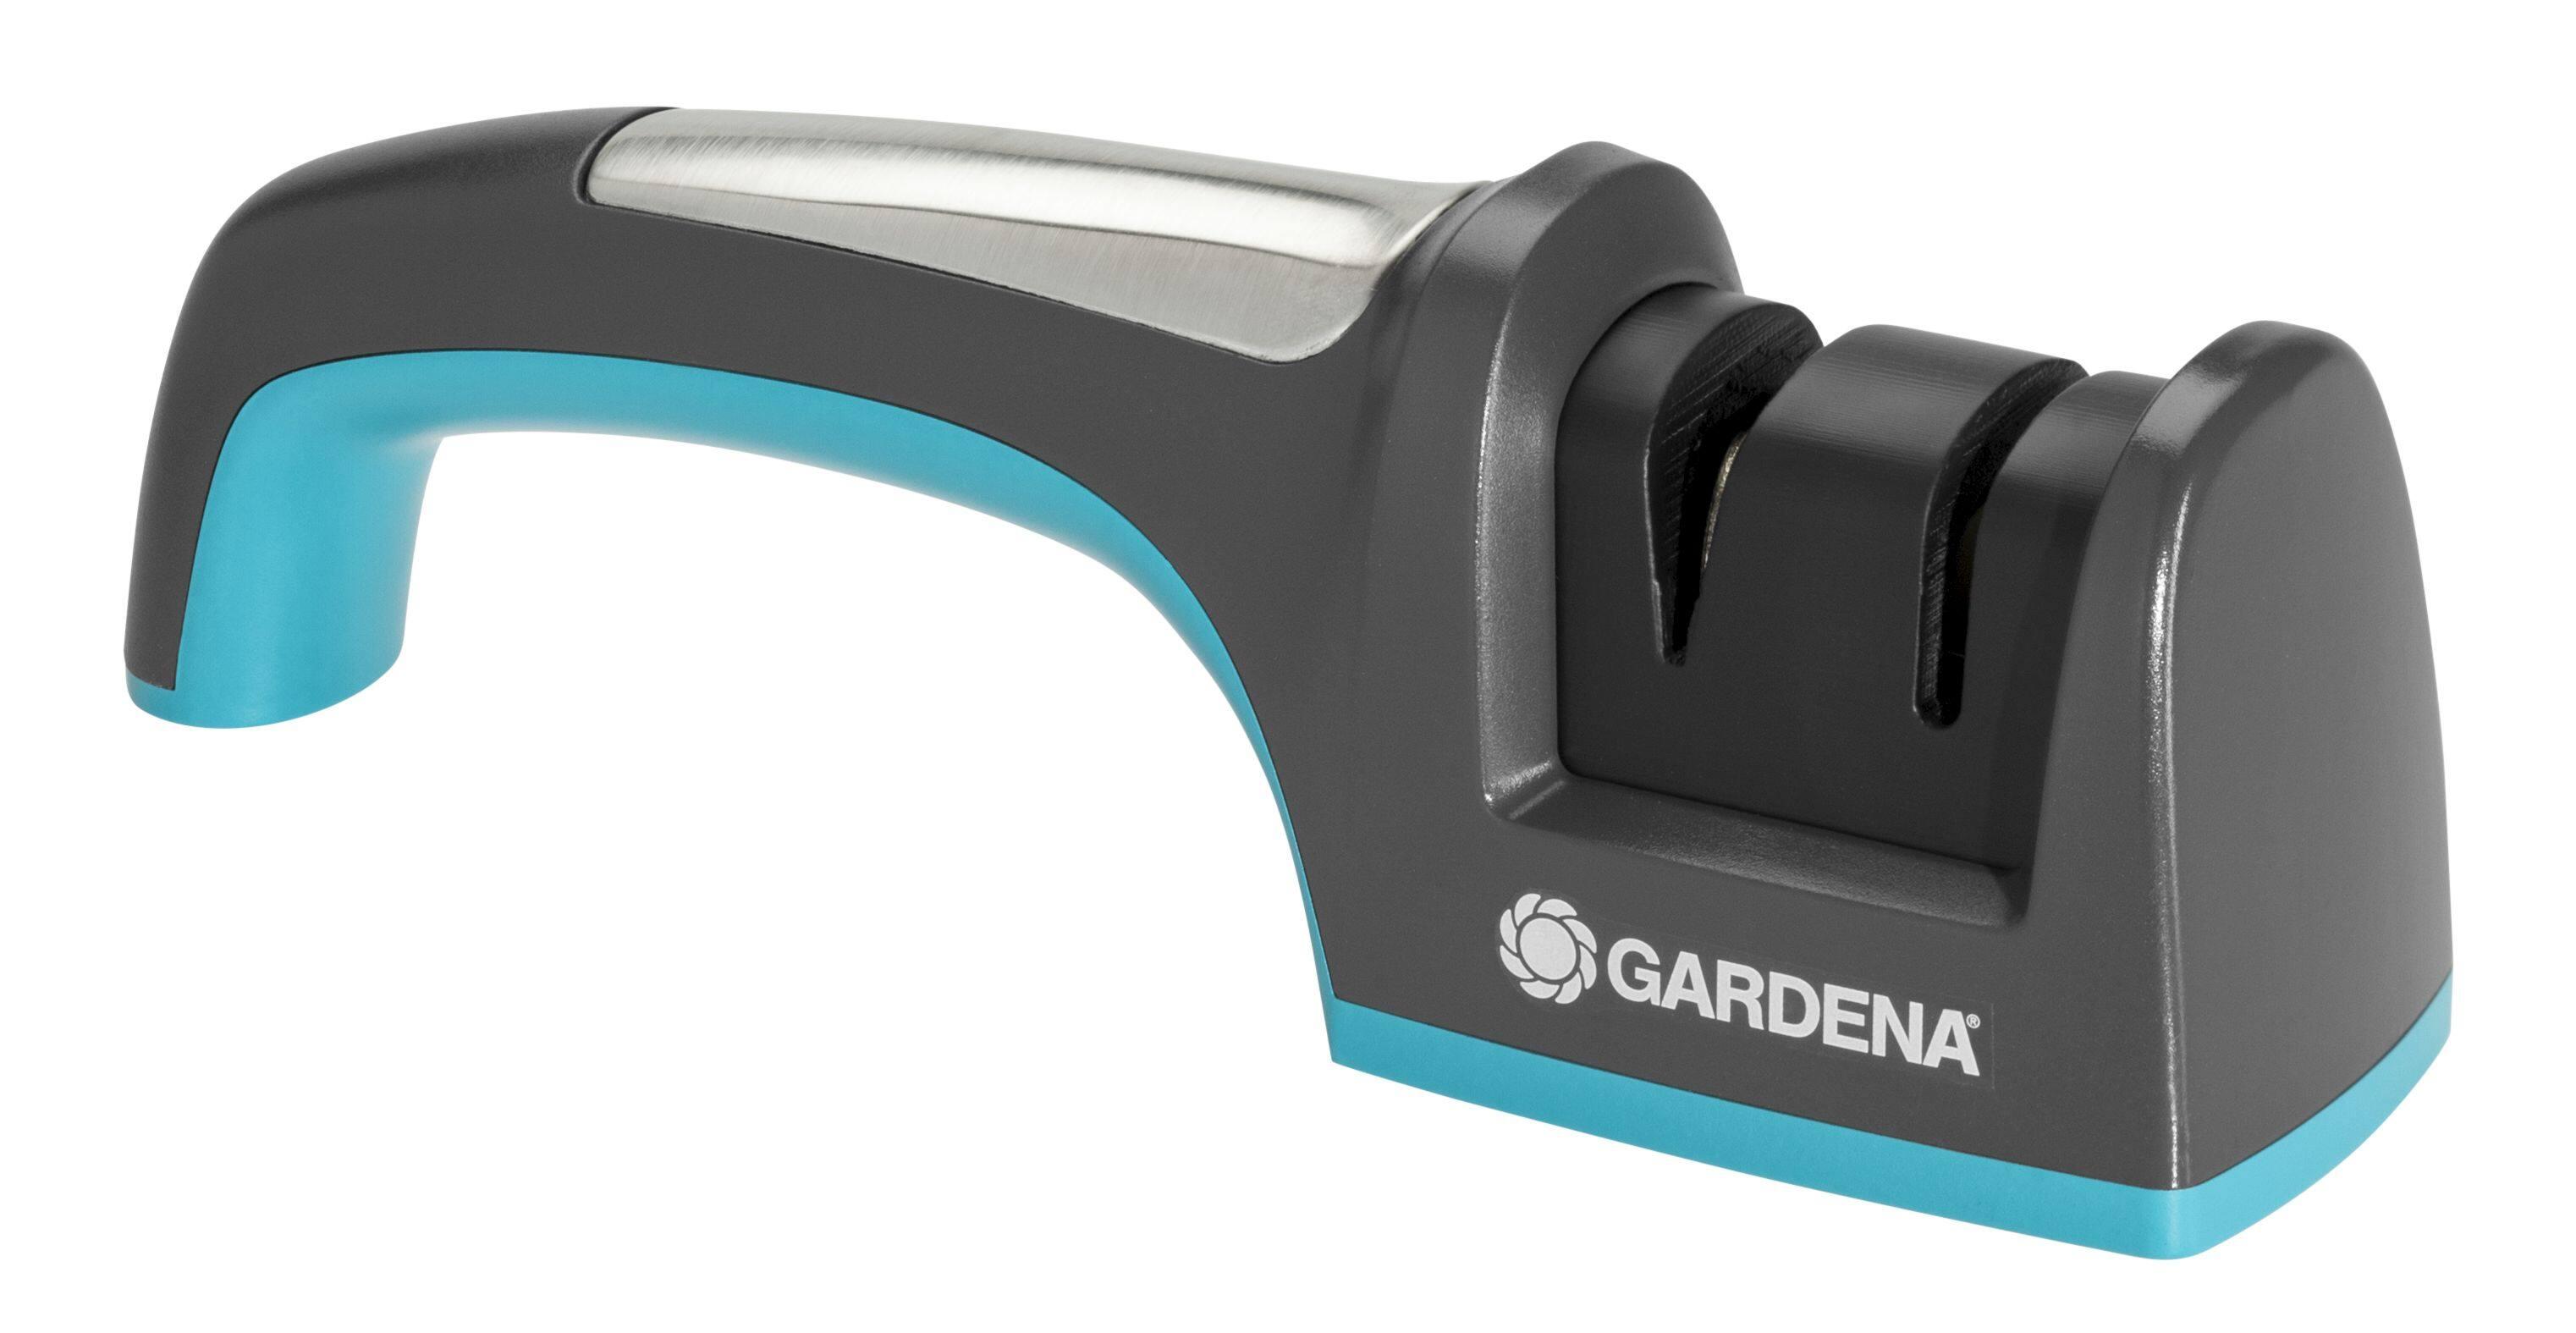 GARDENA Knife